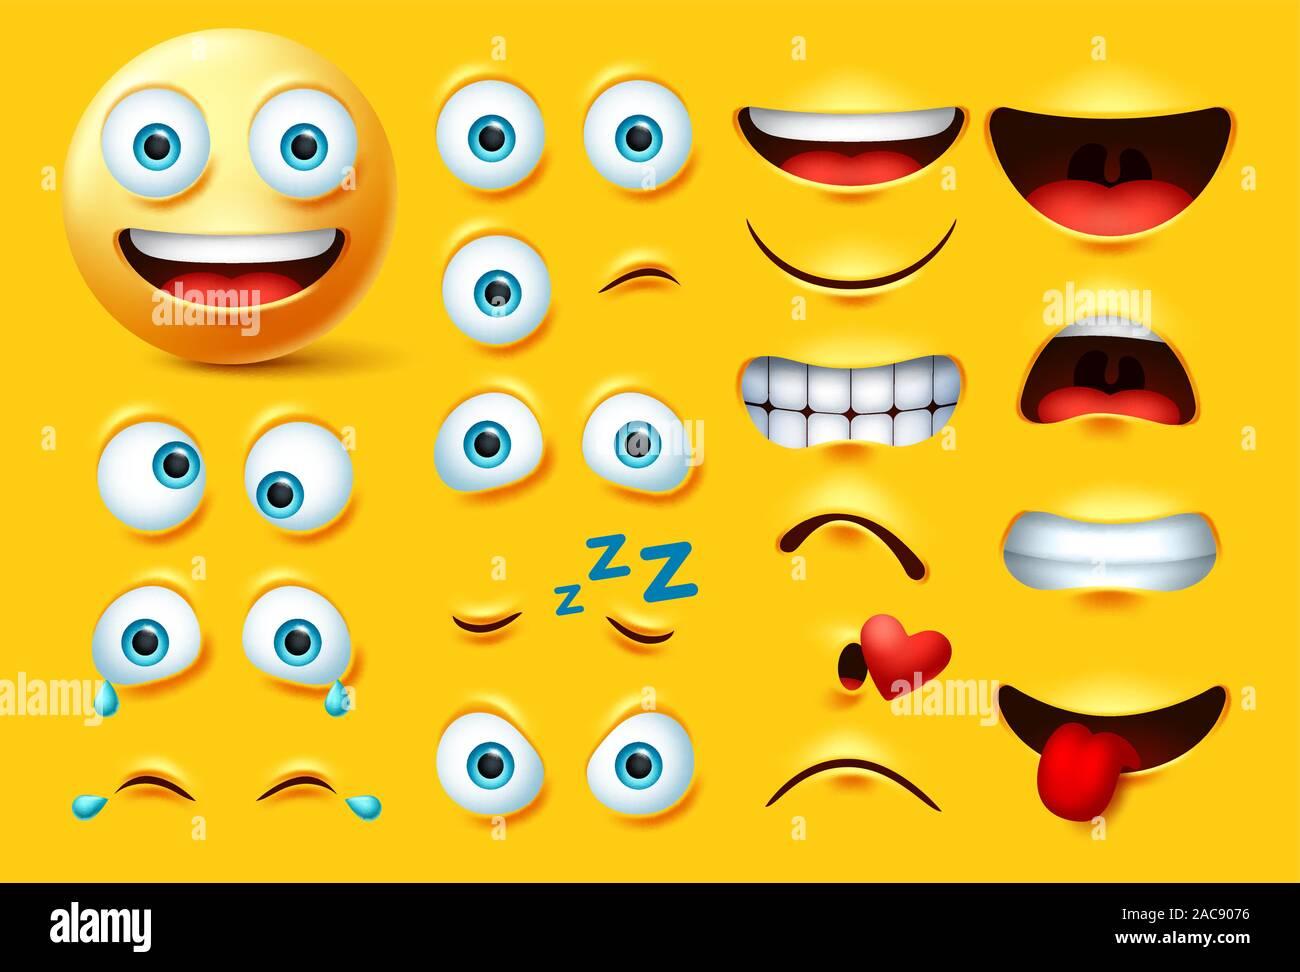 La Creation Du Personnage D Emoticones Smileys Vector Set Smiley Face Emoji En Kit Des Yeux Et De La Bouche En Colere Fou Pleurer Coquine S Embrasser Et Rire D Expression Image Vectorielle Stock